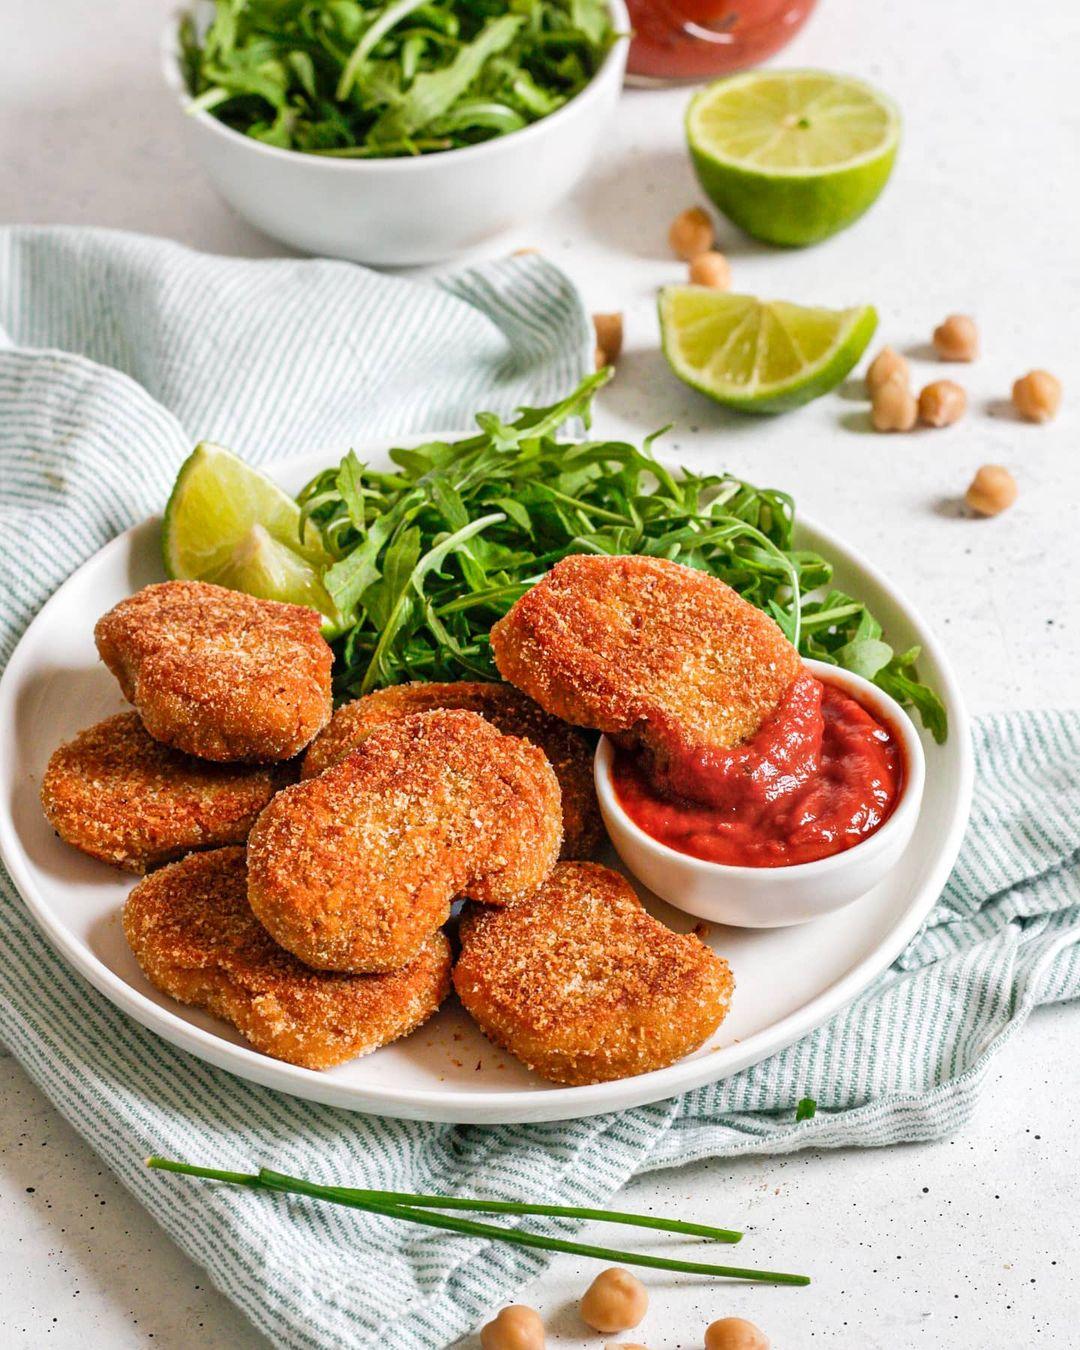 Recette veggie de nuggets de pois chiches facile